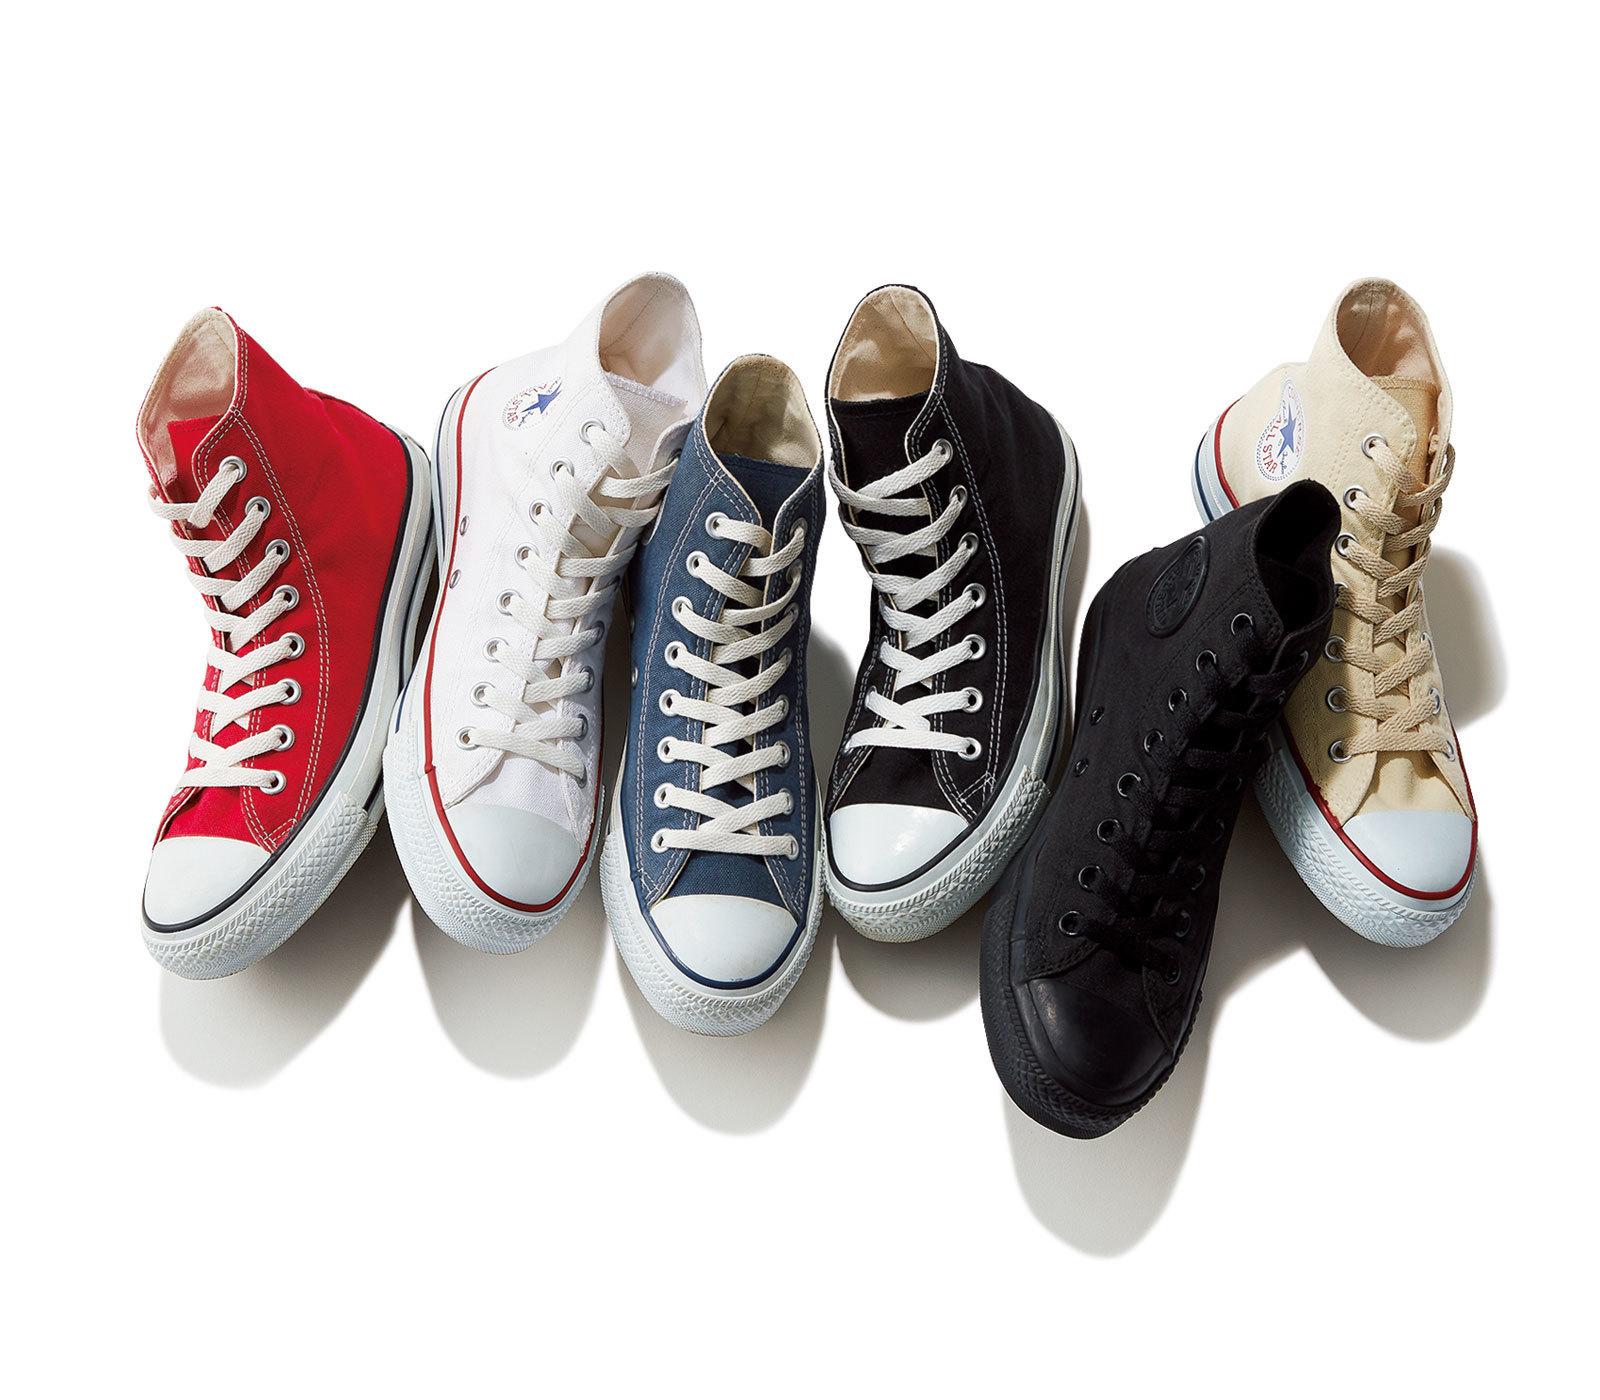 40代のスニーカーお悩み解決からとにかく使える春の靴まで【人気記事ランキングトップ5】_1_1-2